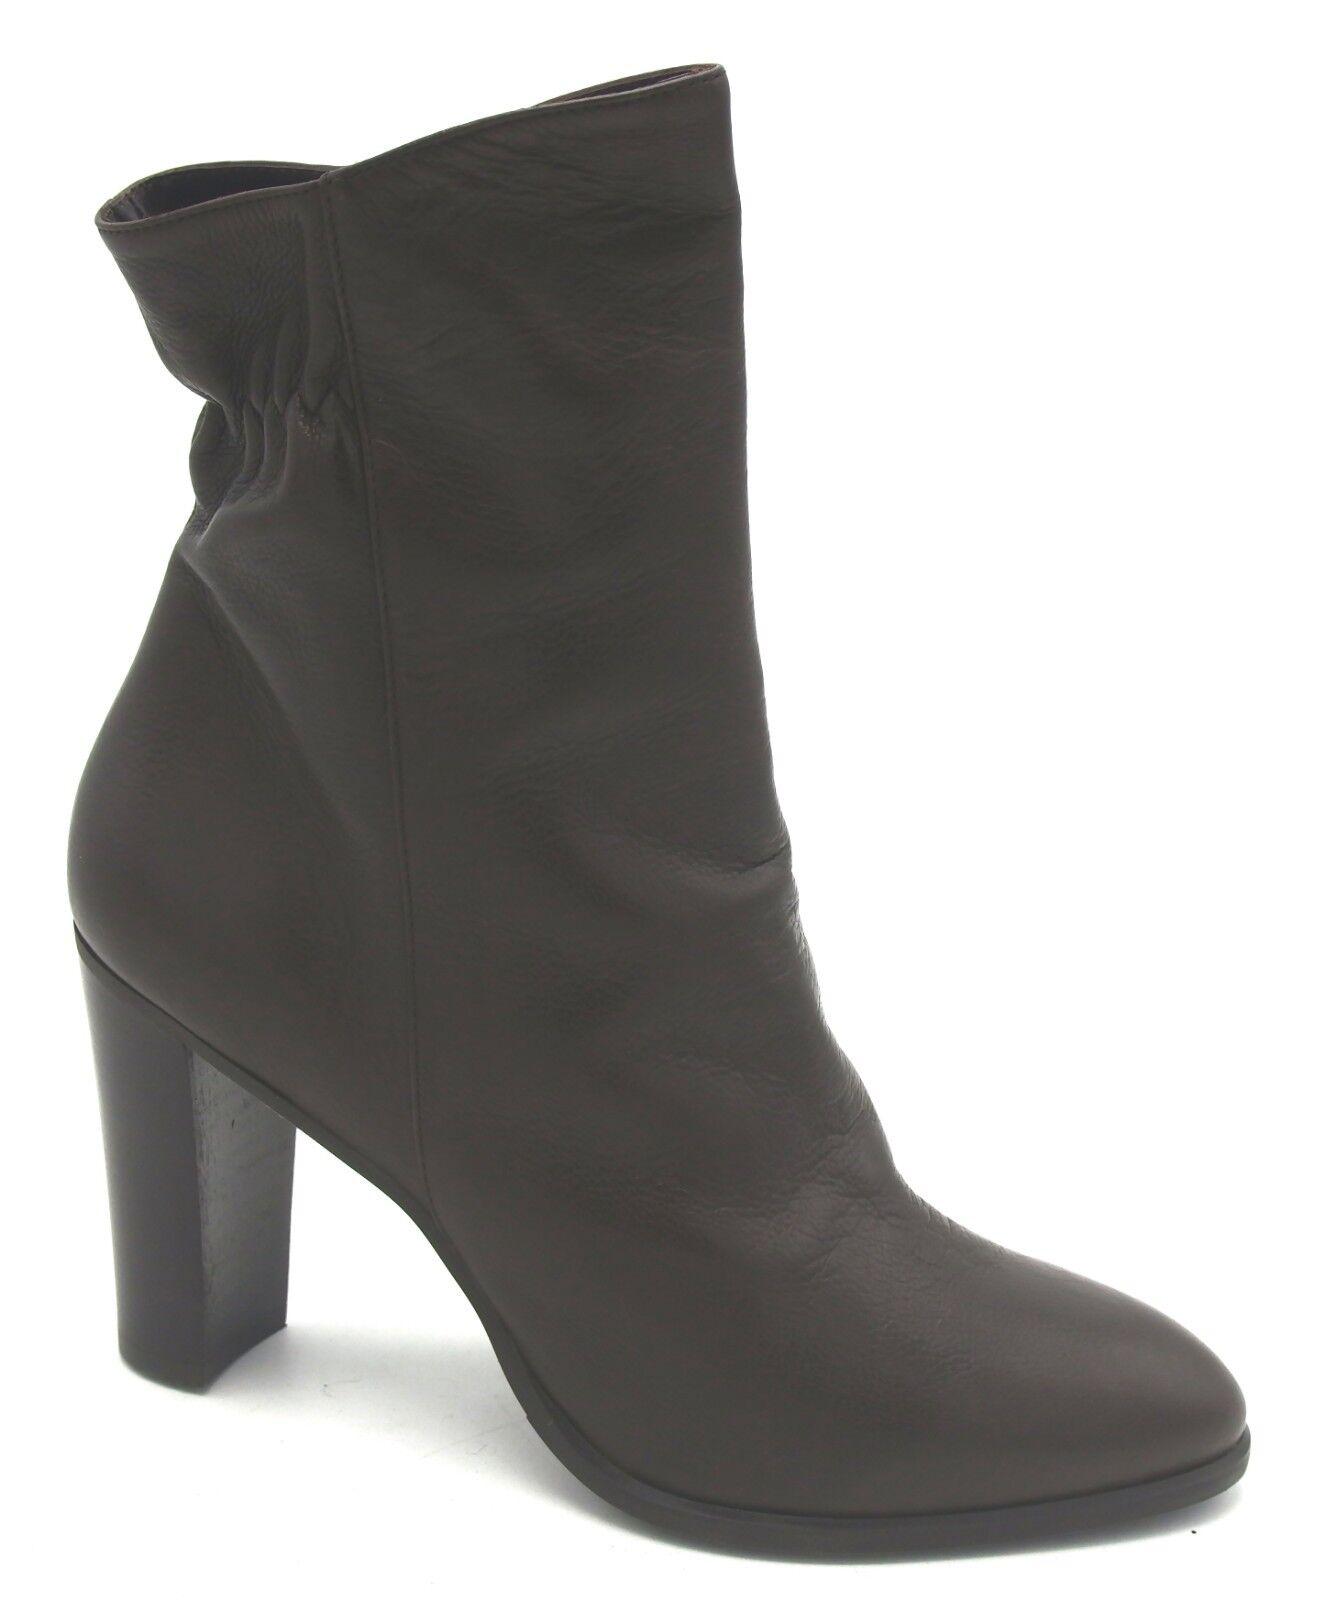 J7548 New Women's Vince Camuto Jessa Dark Brown Leather Bootie 10 M